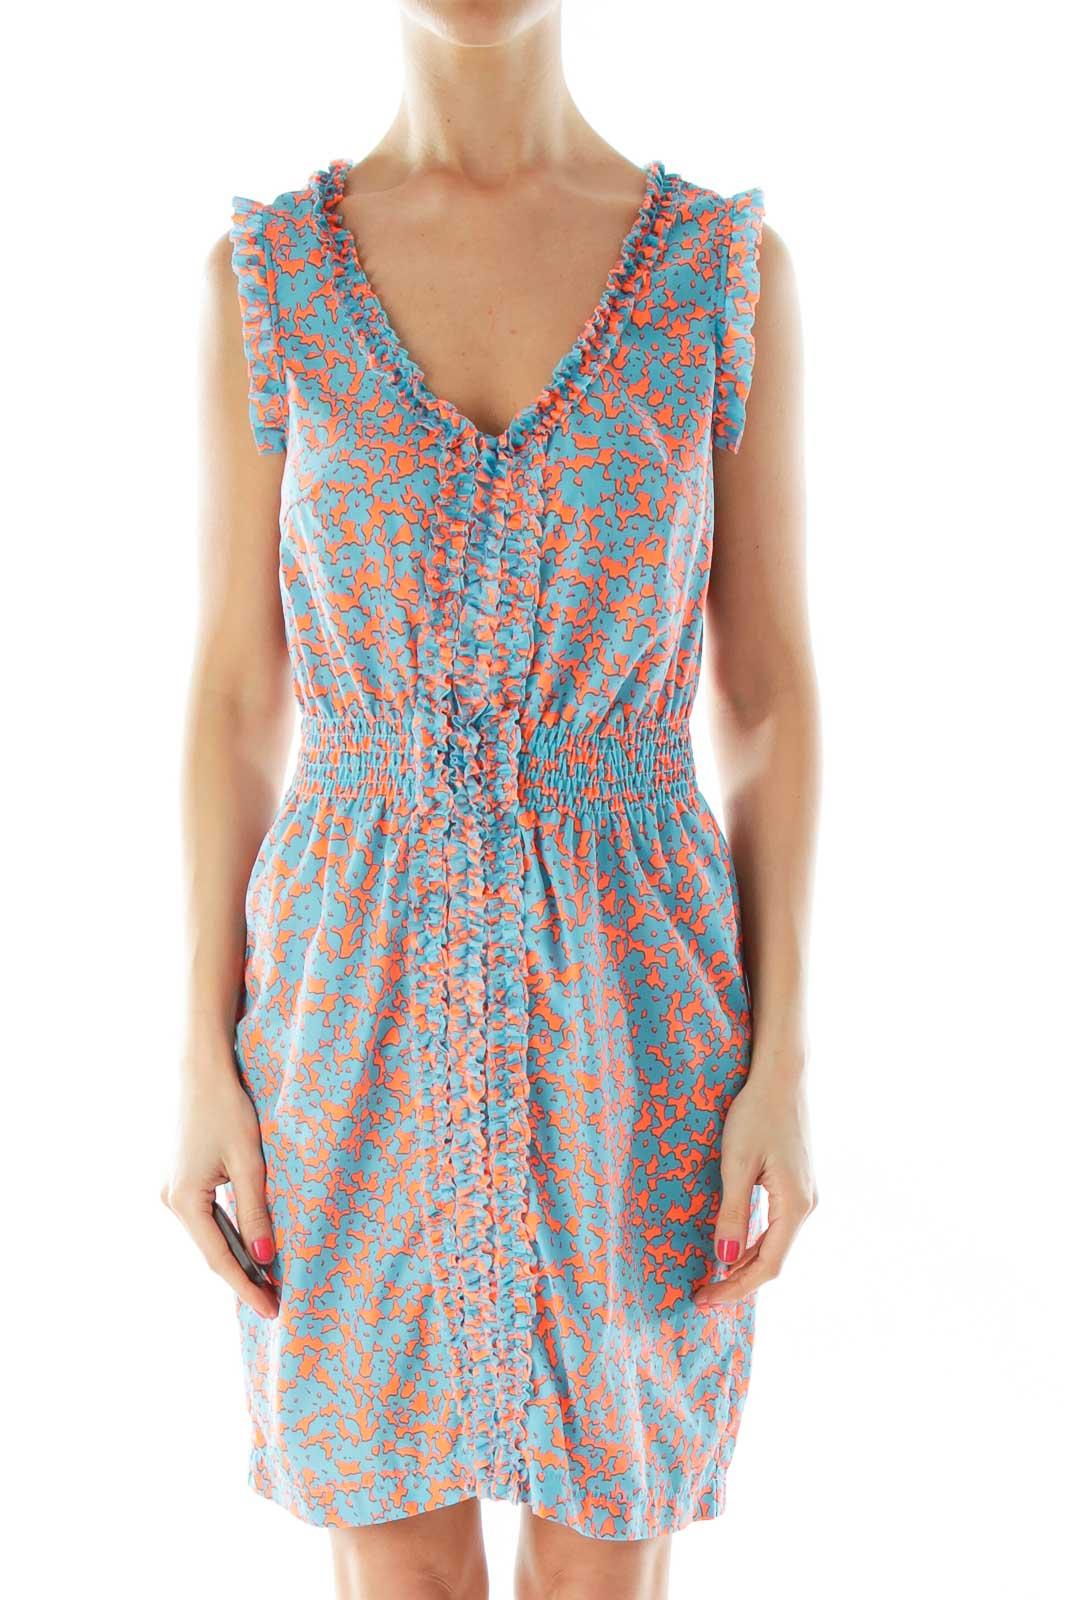 Blue Orange Scrunched V-Neck Day Dress Front